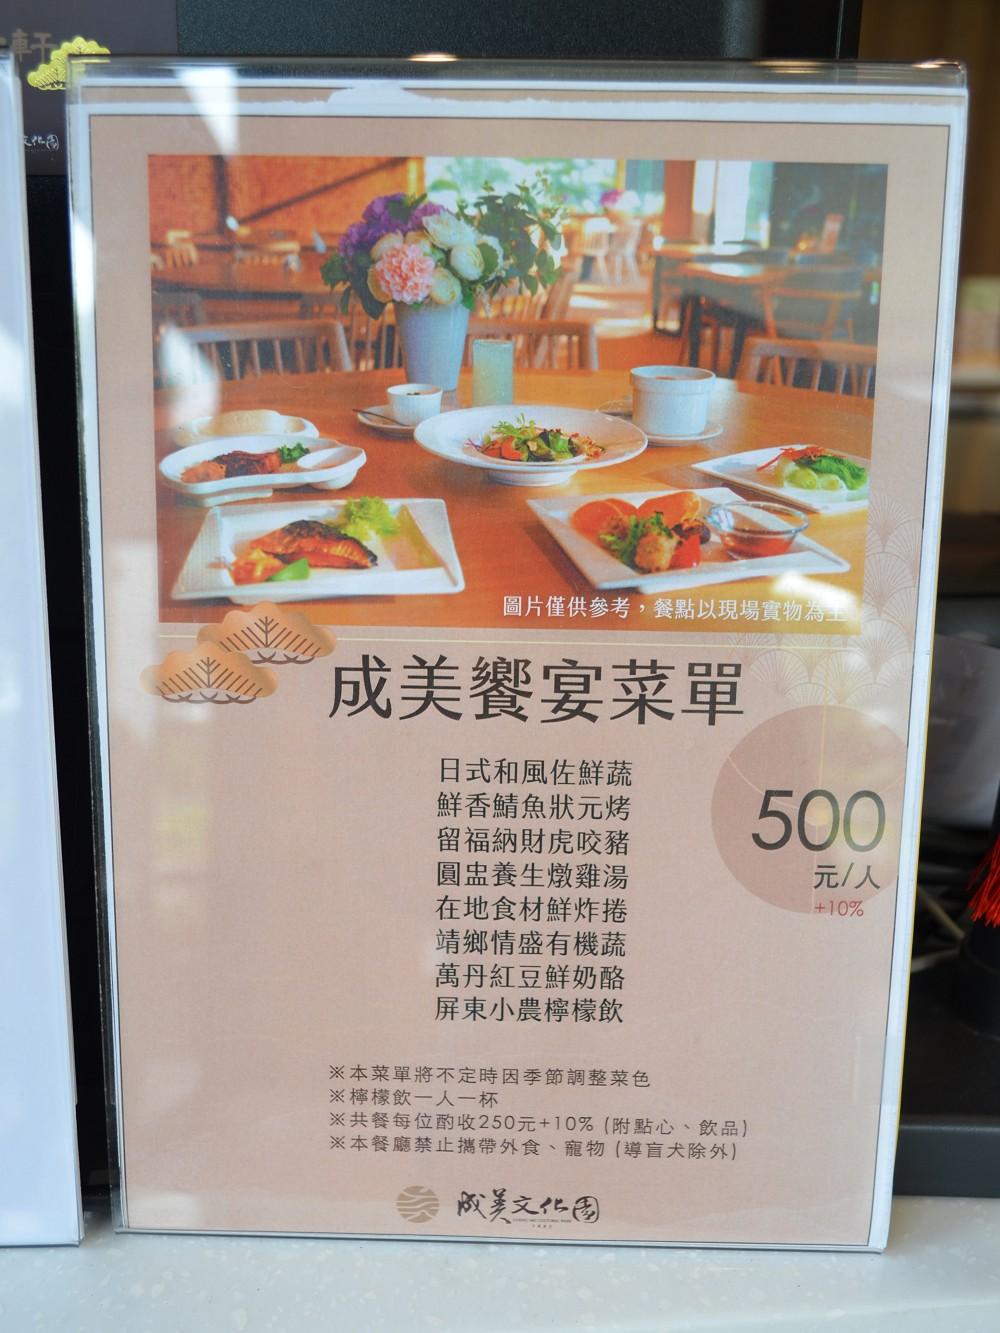 成美餐廳 松柏軒 成美松柏軒 永靖聚餐 彰化聚餐 彰化餐廳推薦